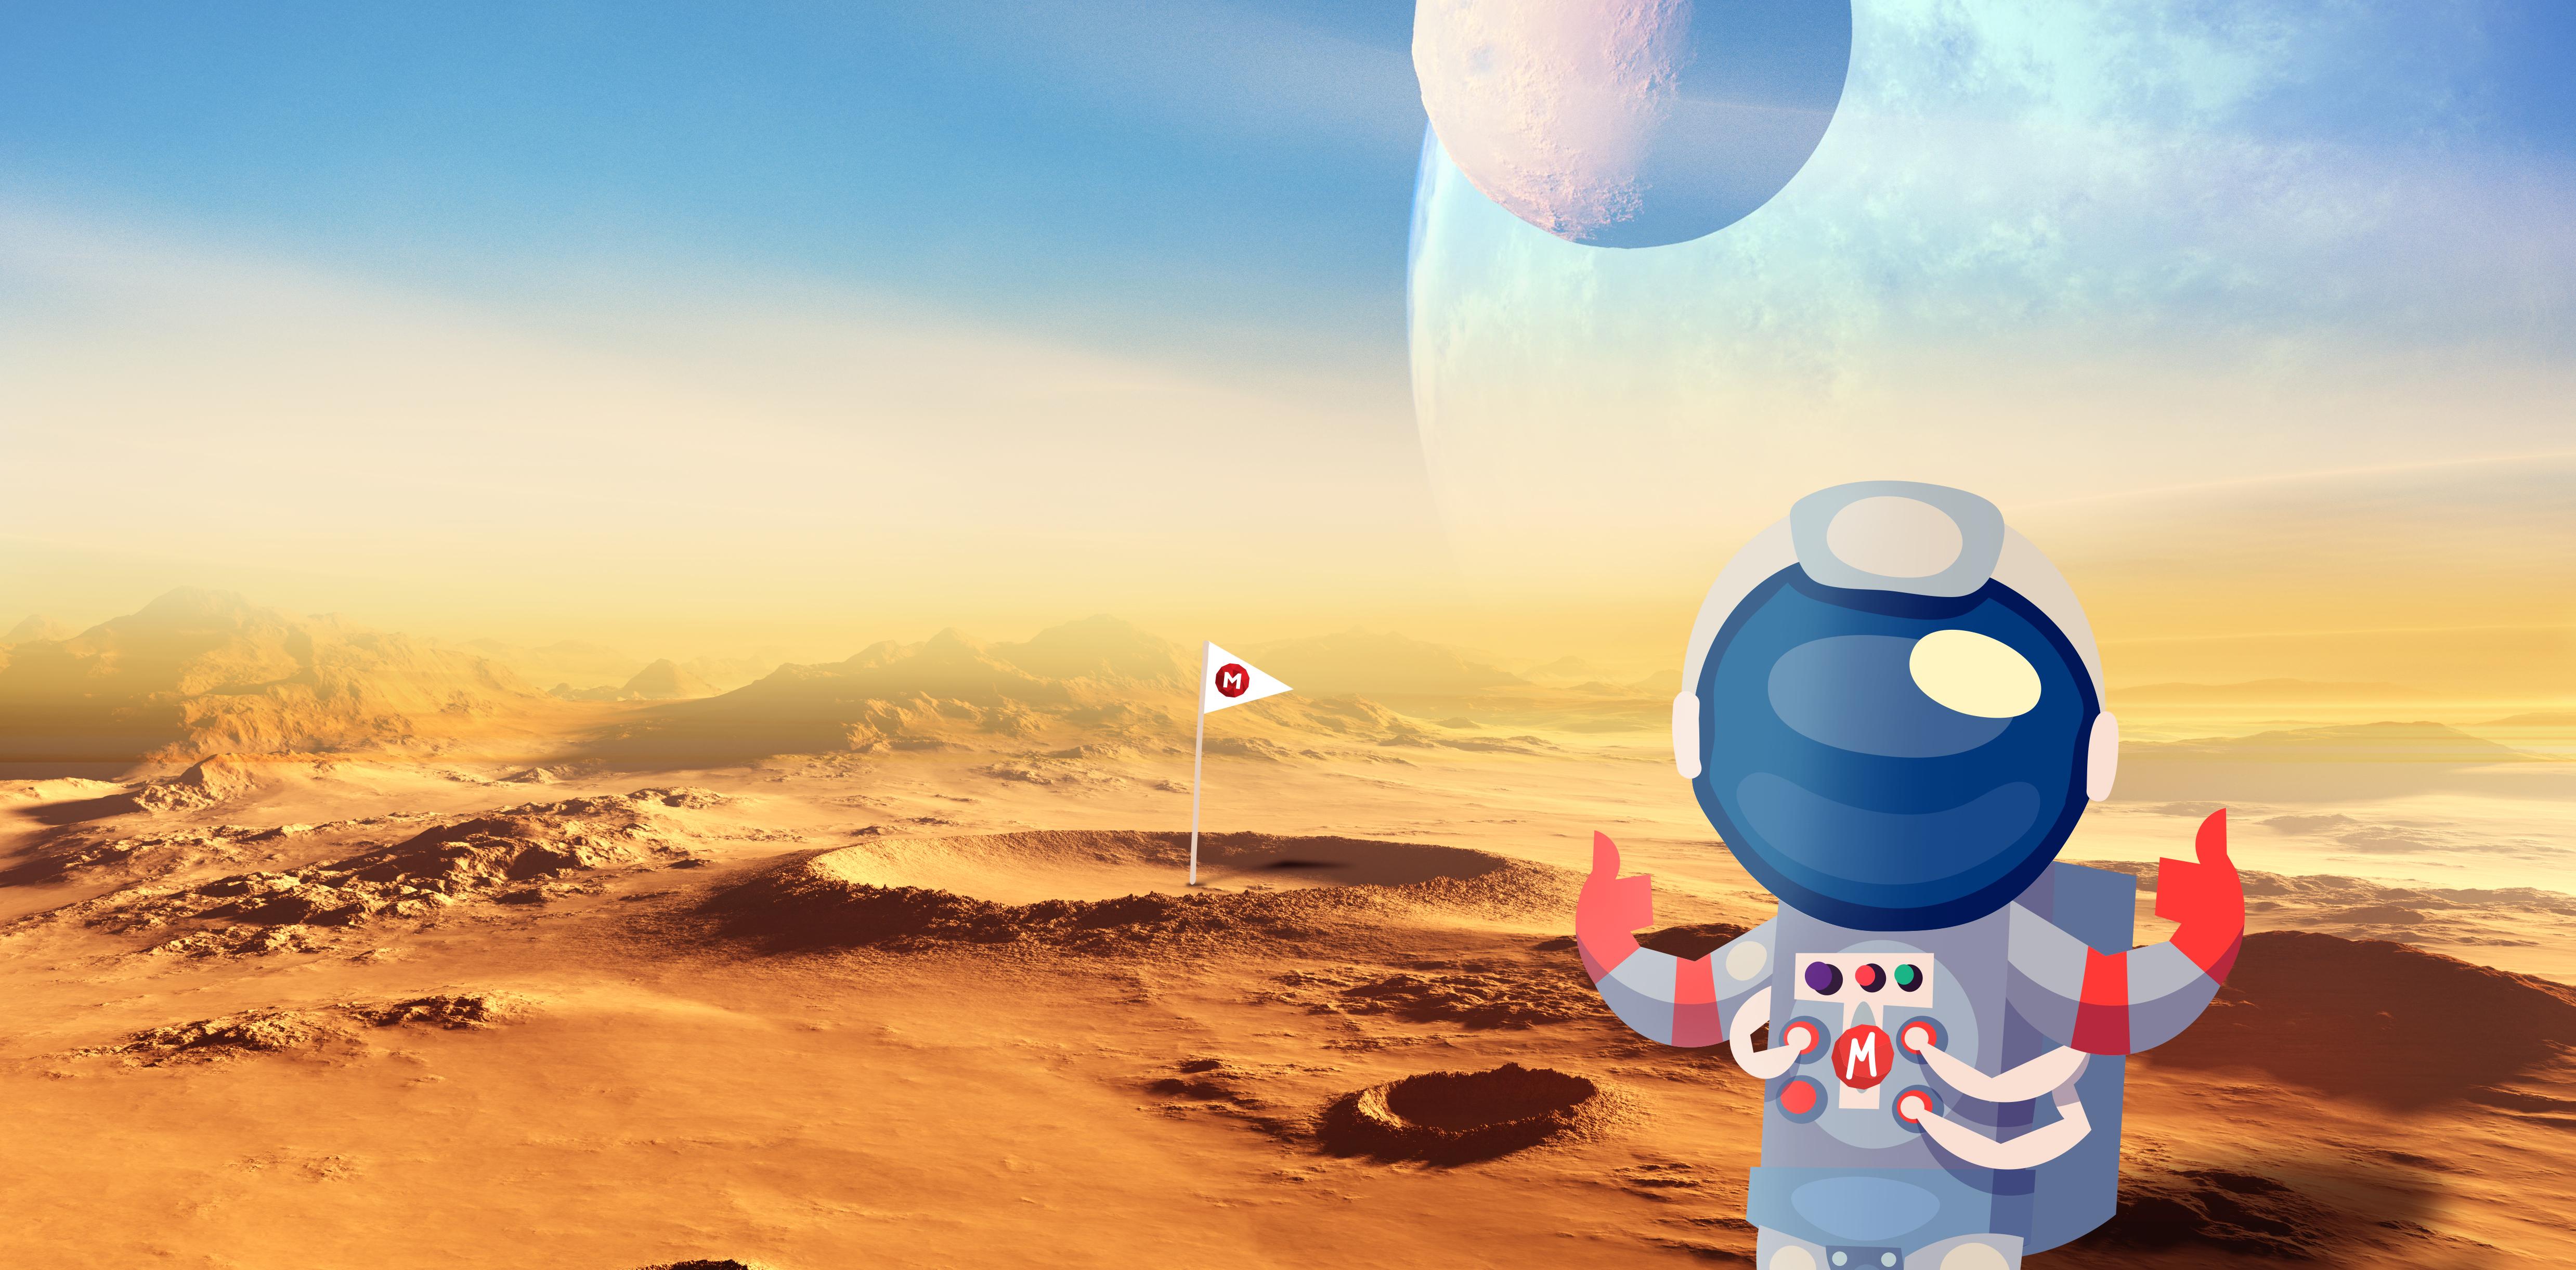 Being a Martian